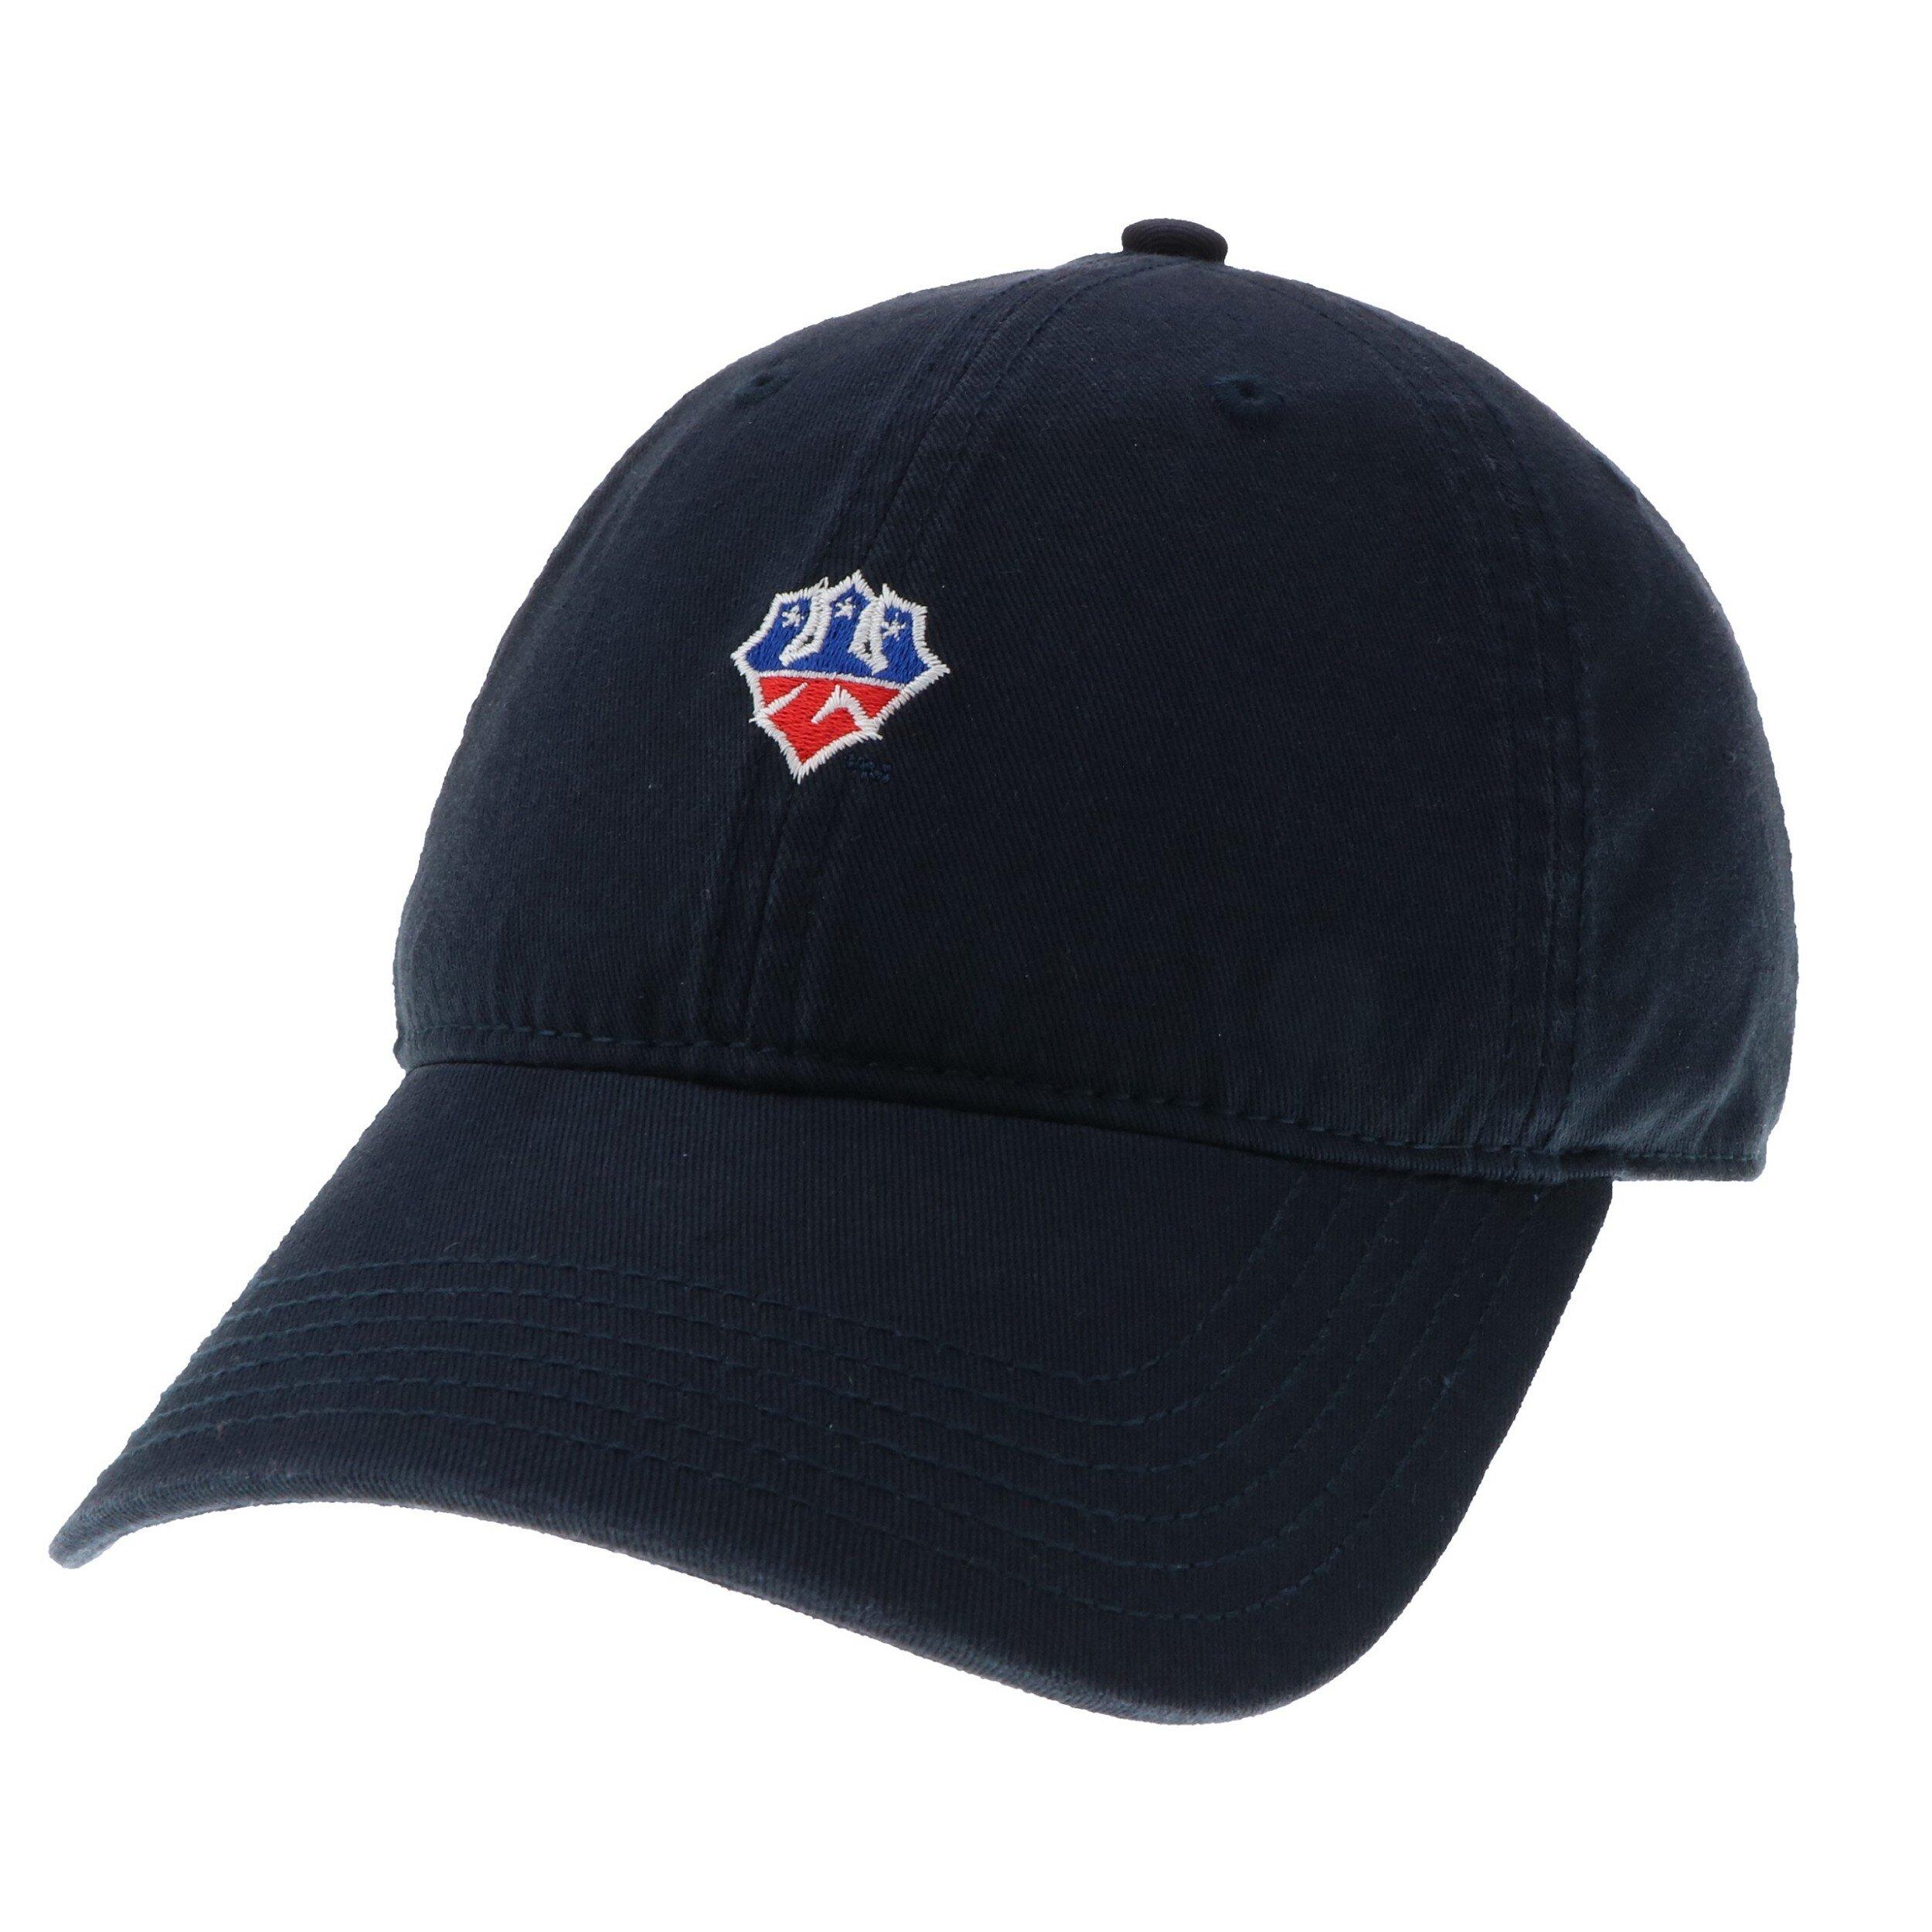 Trident Hat (Navy)